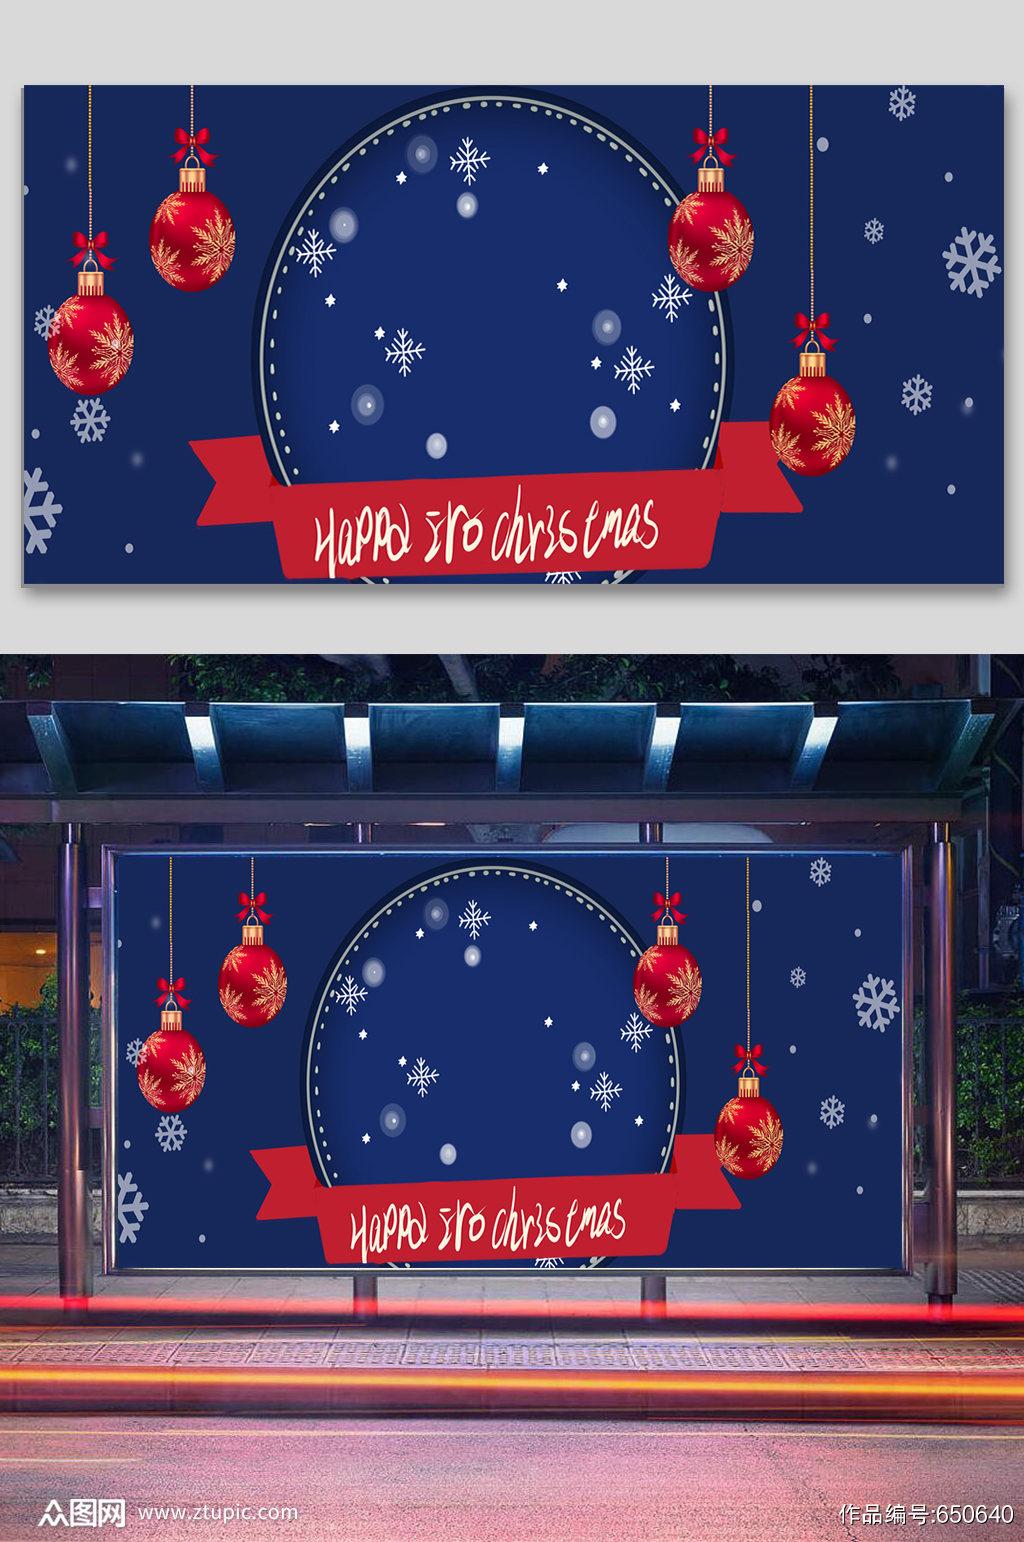 创意卡通圣诞节海报背景素材